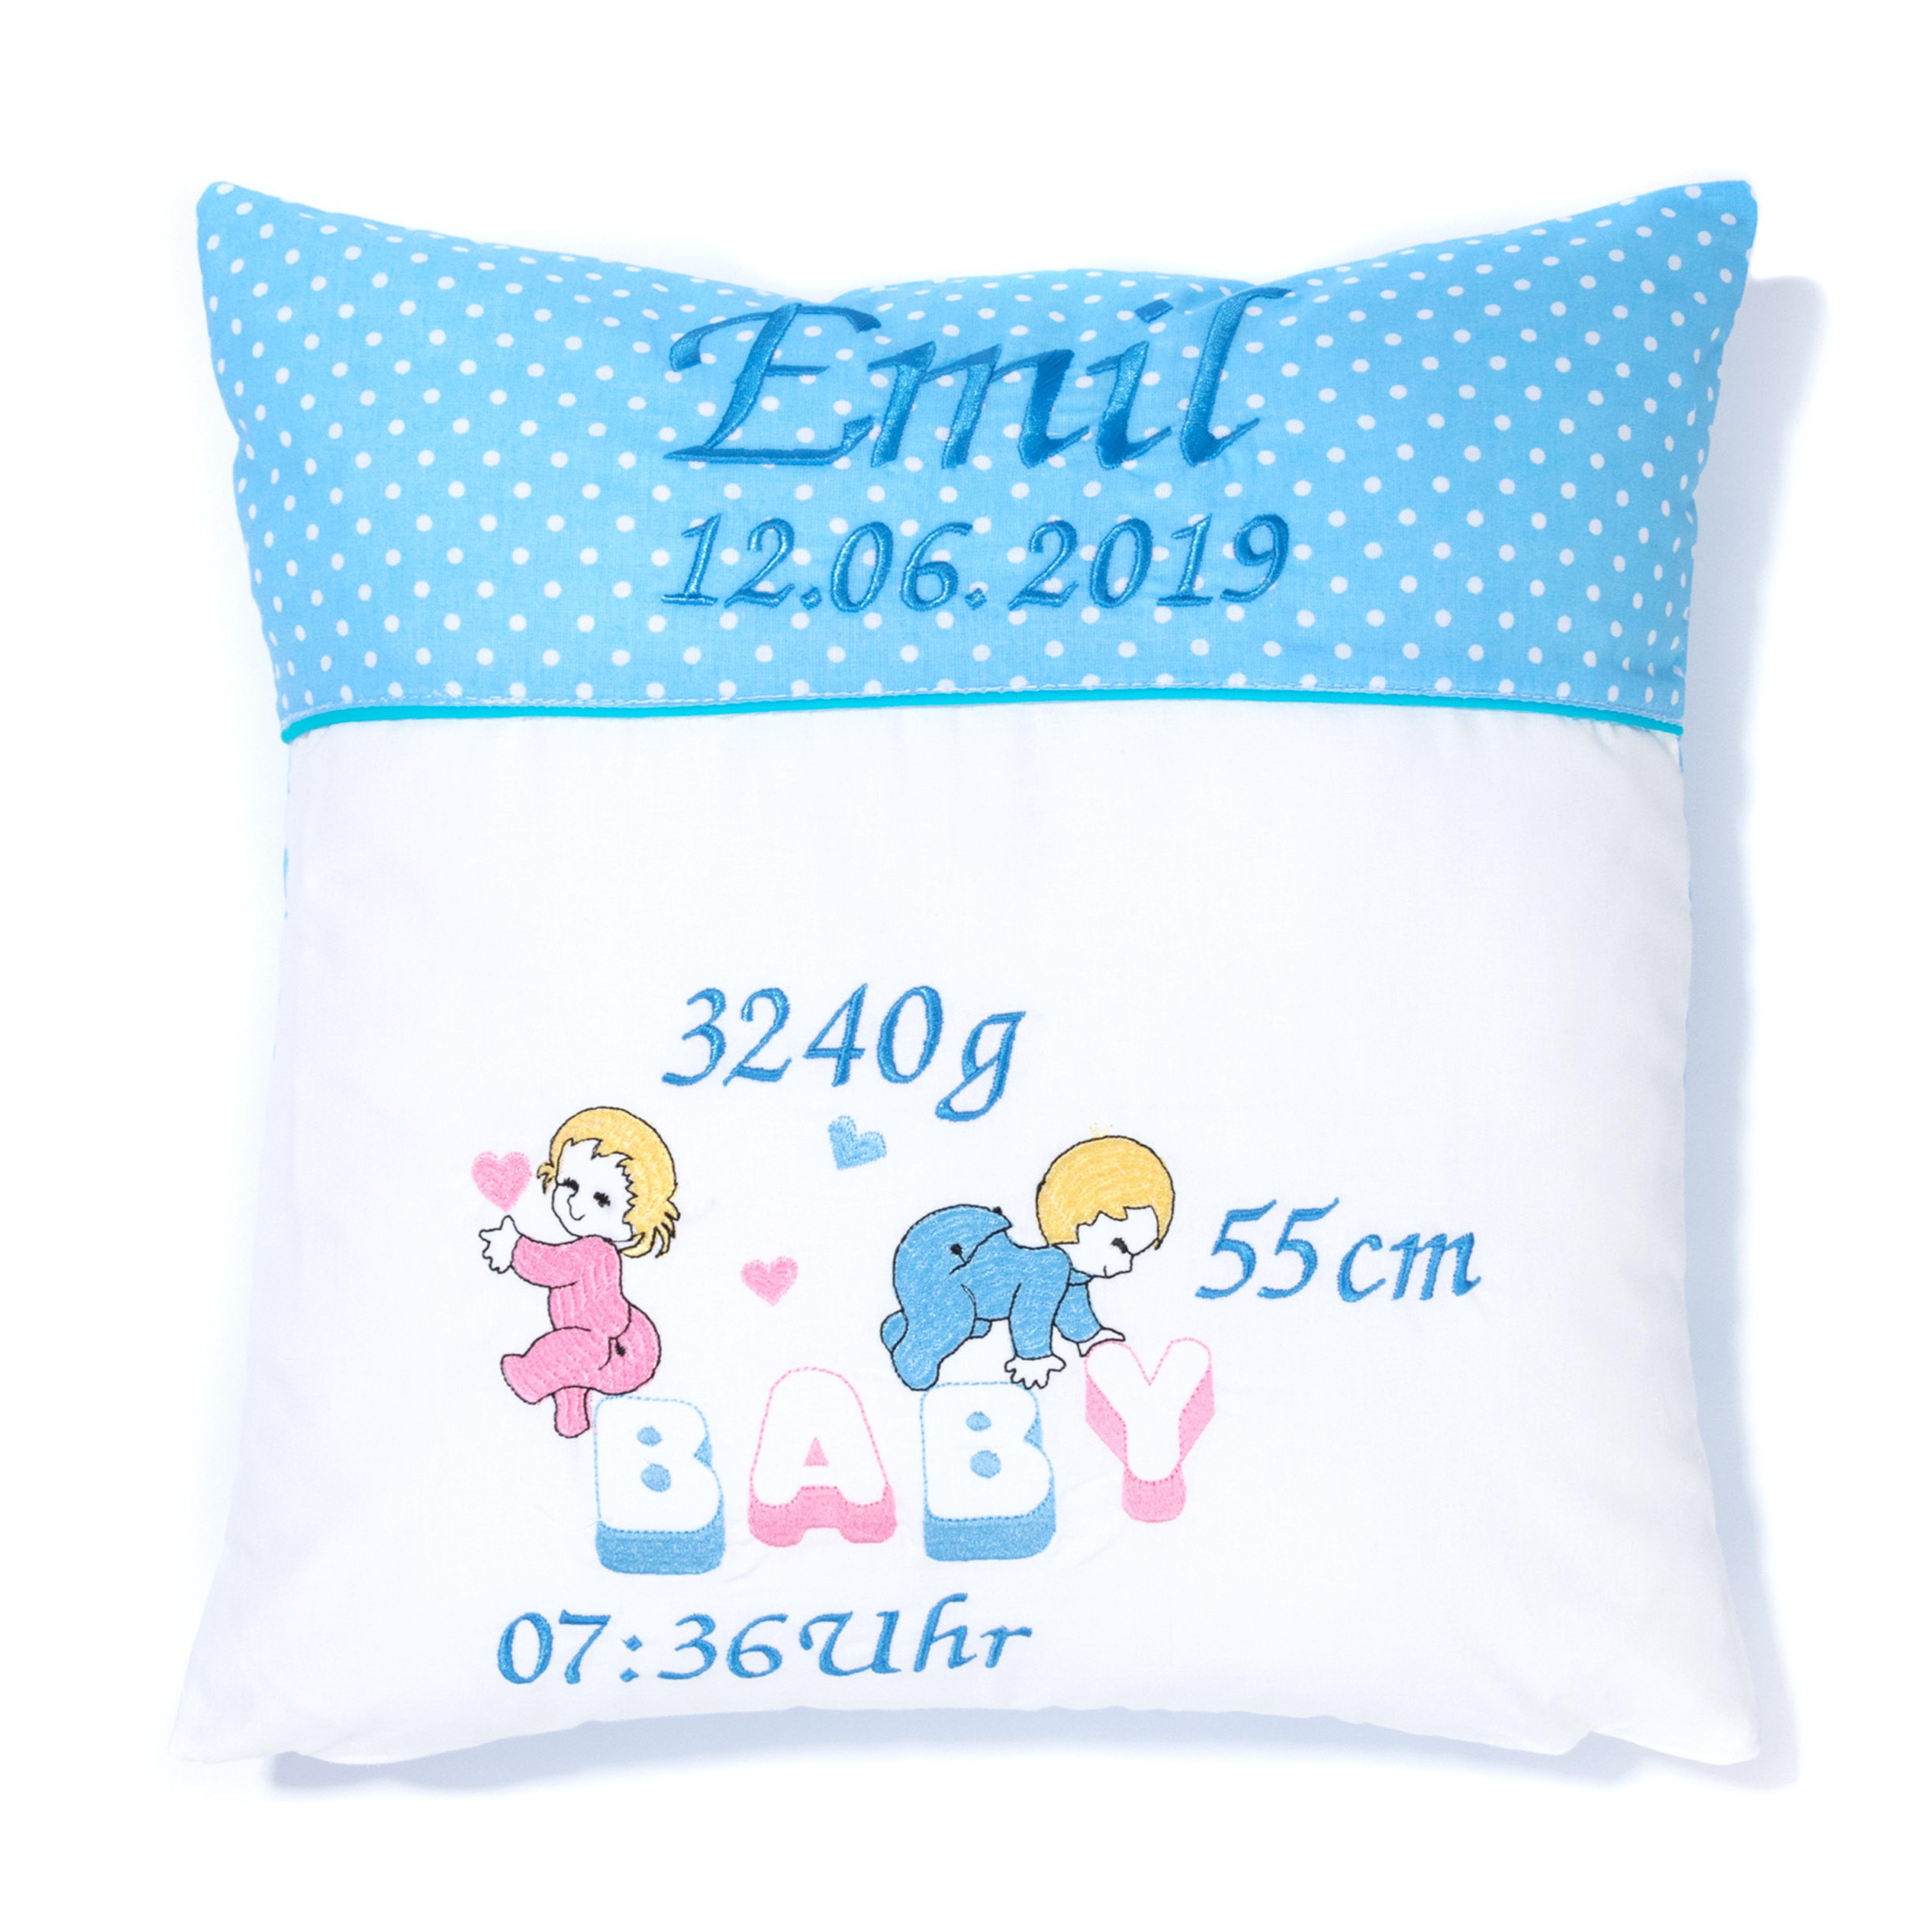 Kissen 40 x 40 cm mit Namen Datum Pünktchen Hellblau BABY